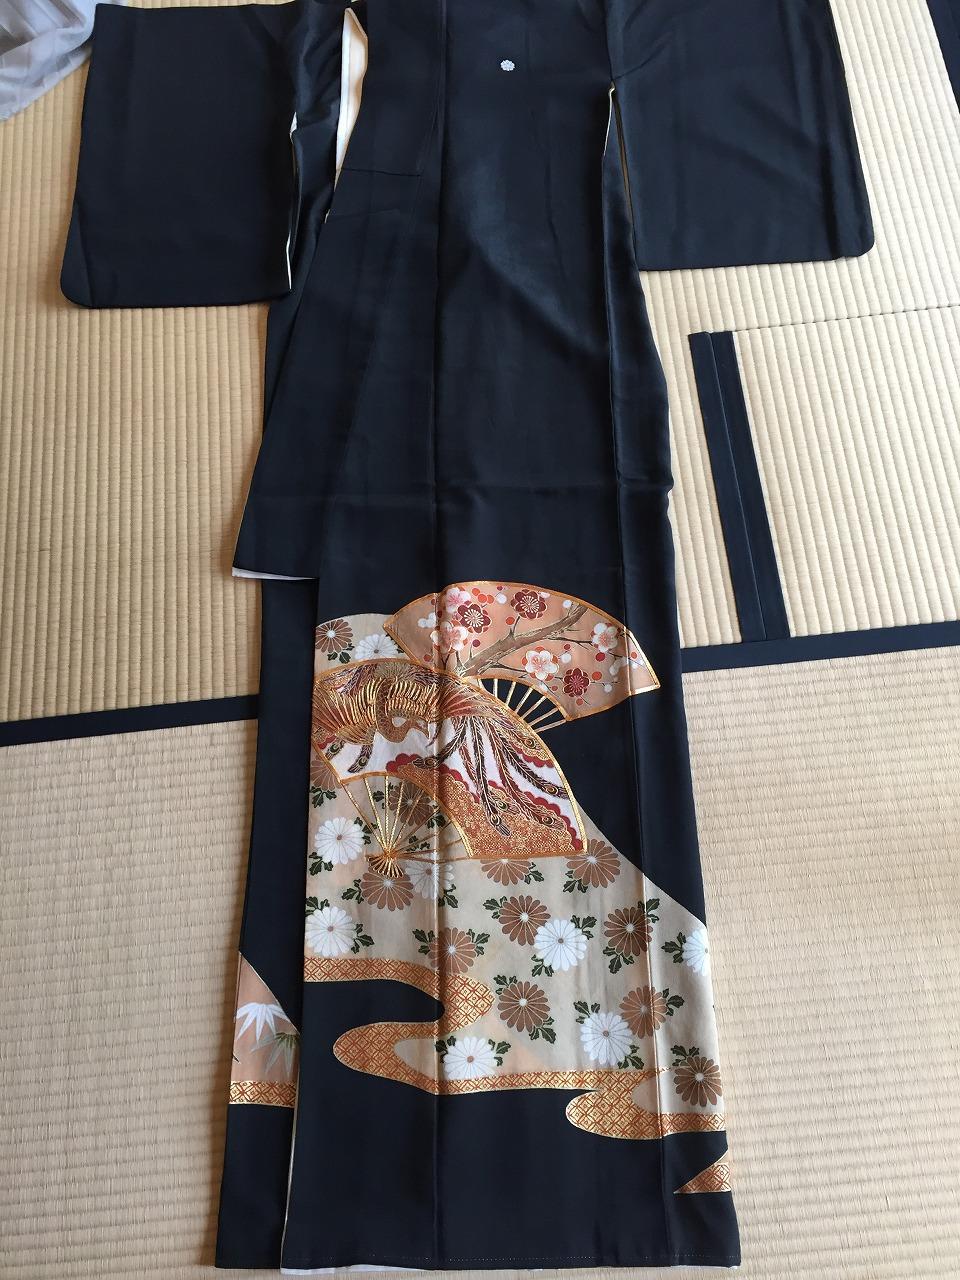 黒留袖からワンピースドレに(肩掛け付き) チェンジ!